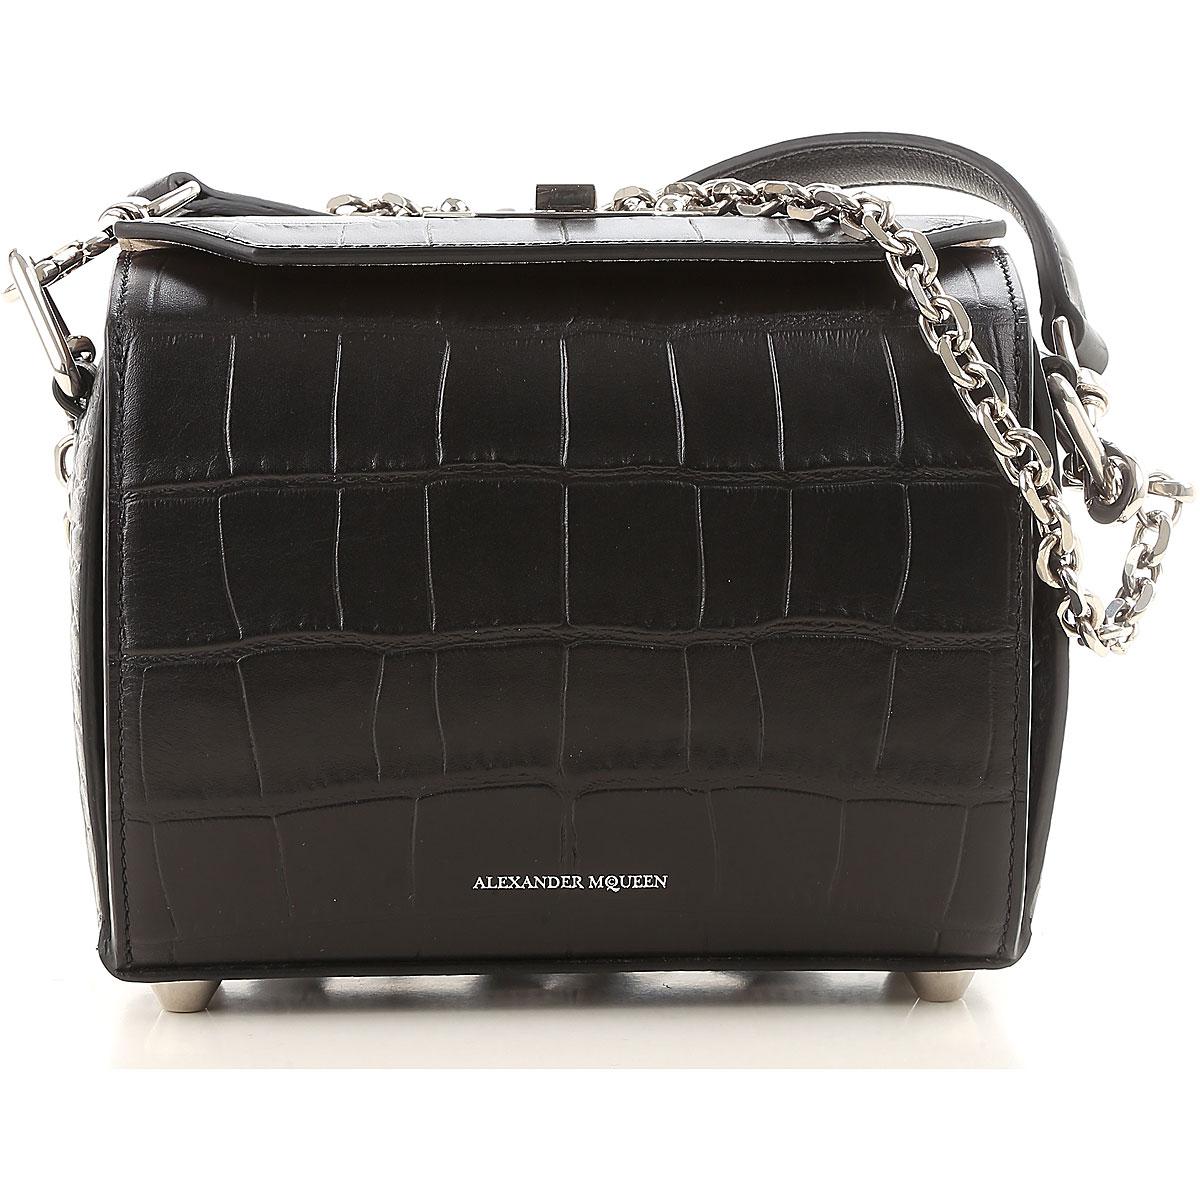 Image of Alexander McQueen Shoulder Bag for Women, Black, Leather, 2017